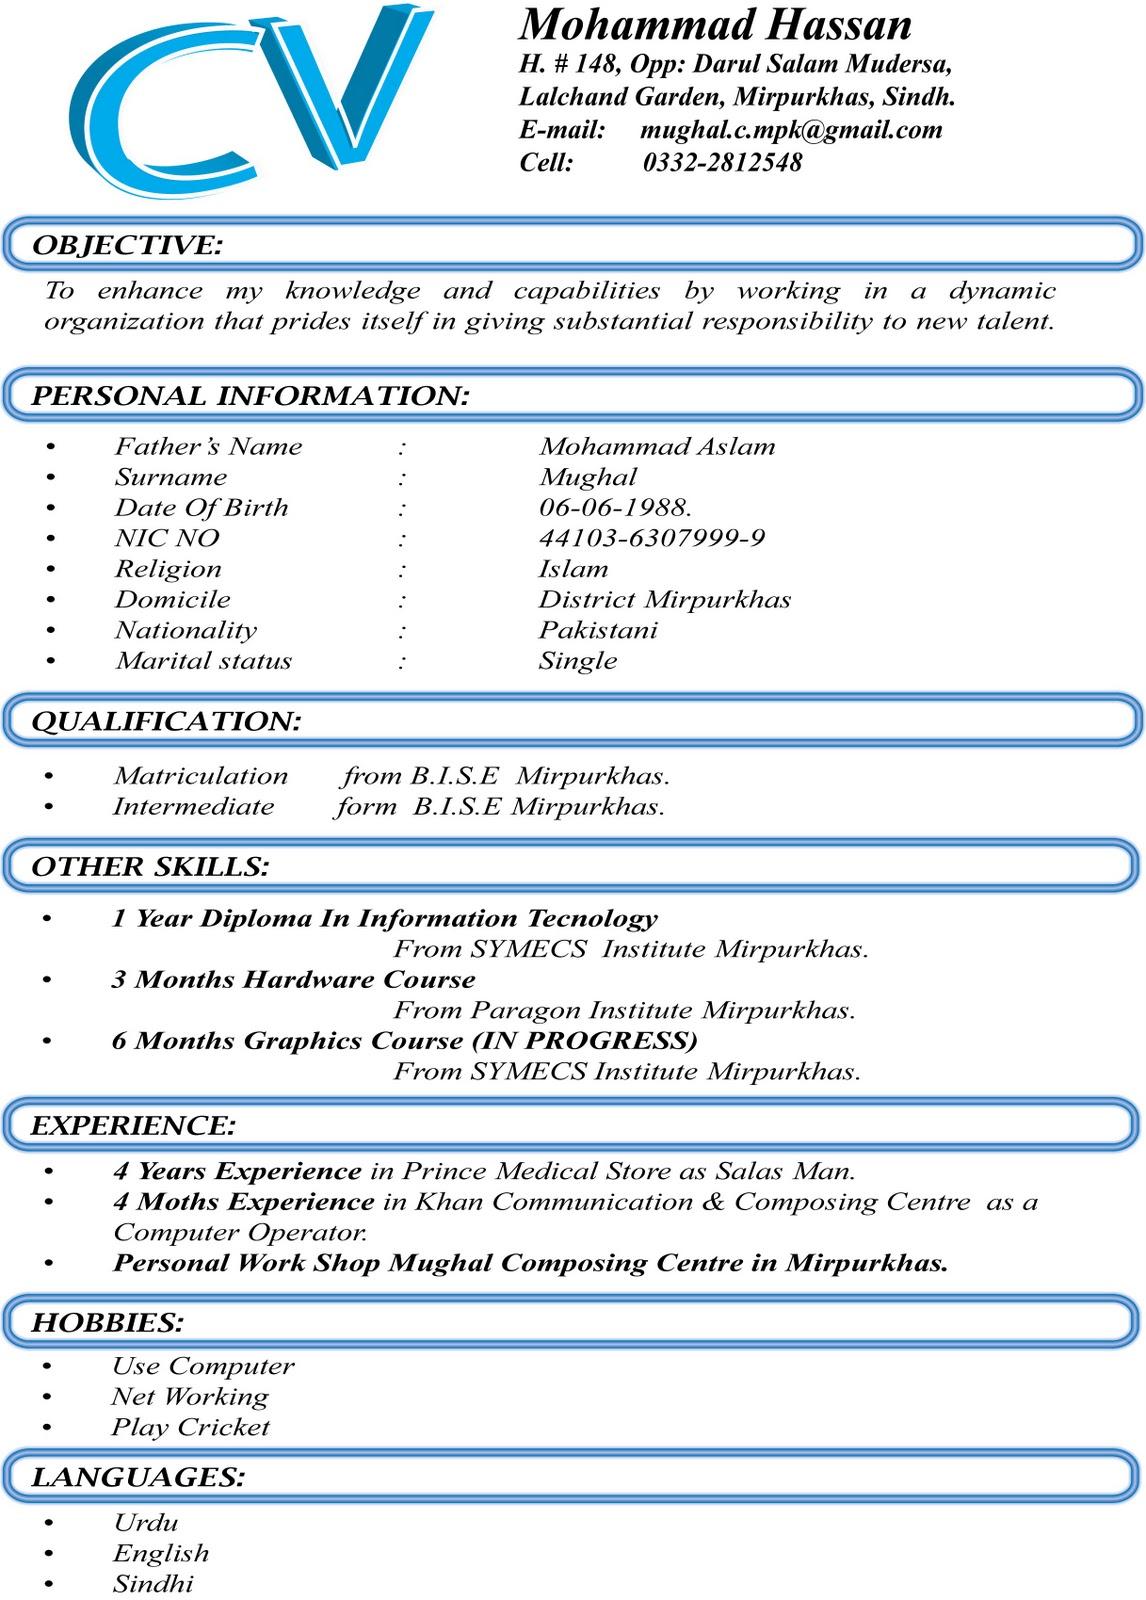 star format resume 0132